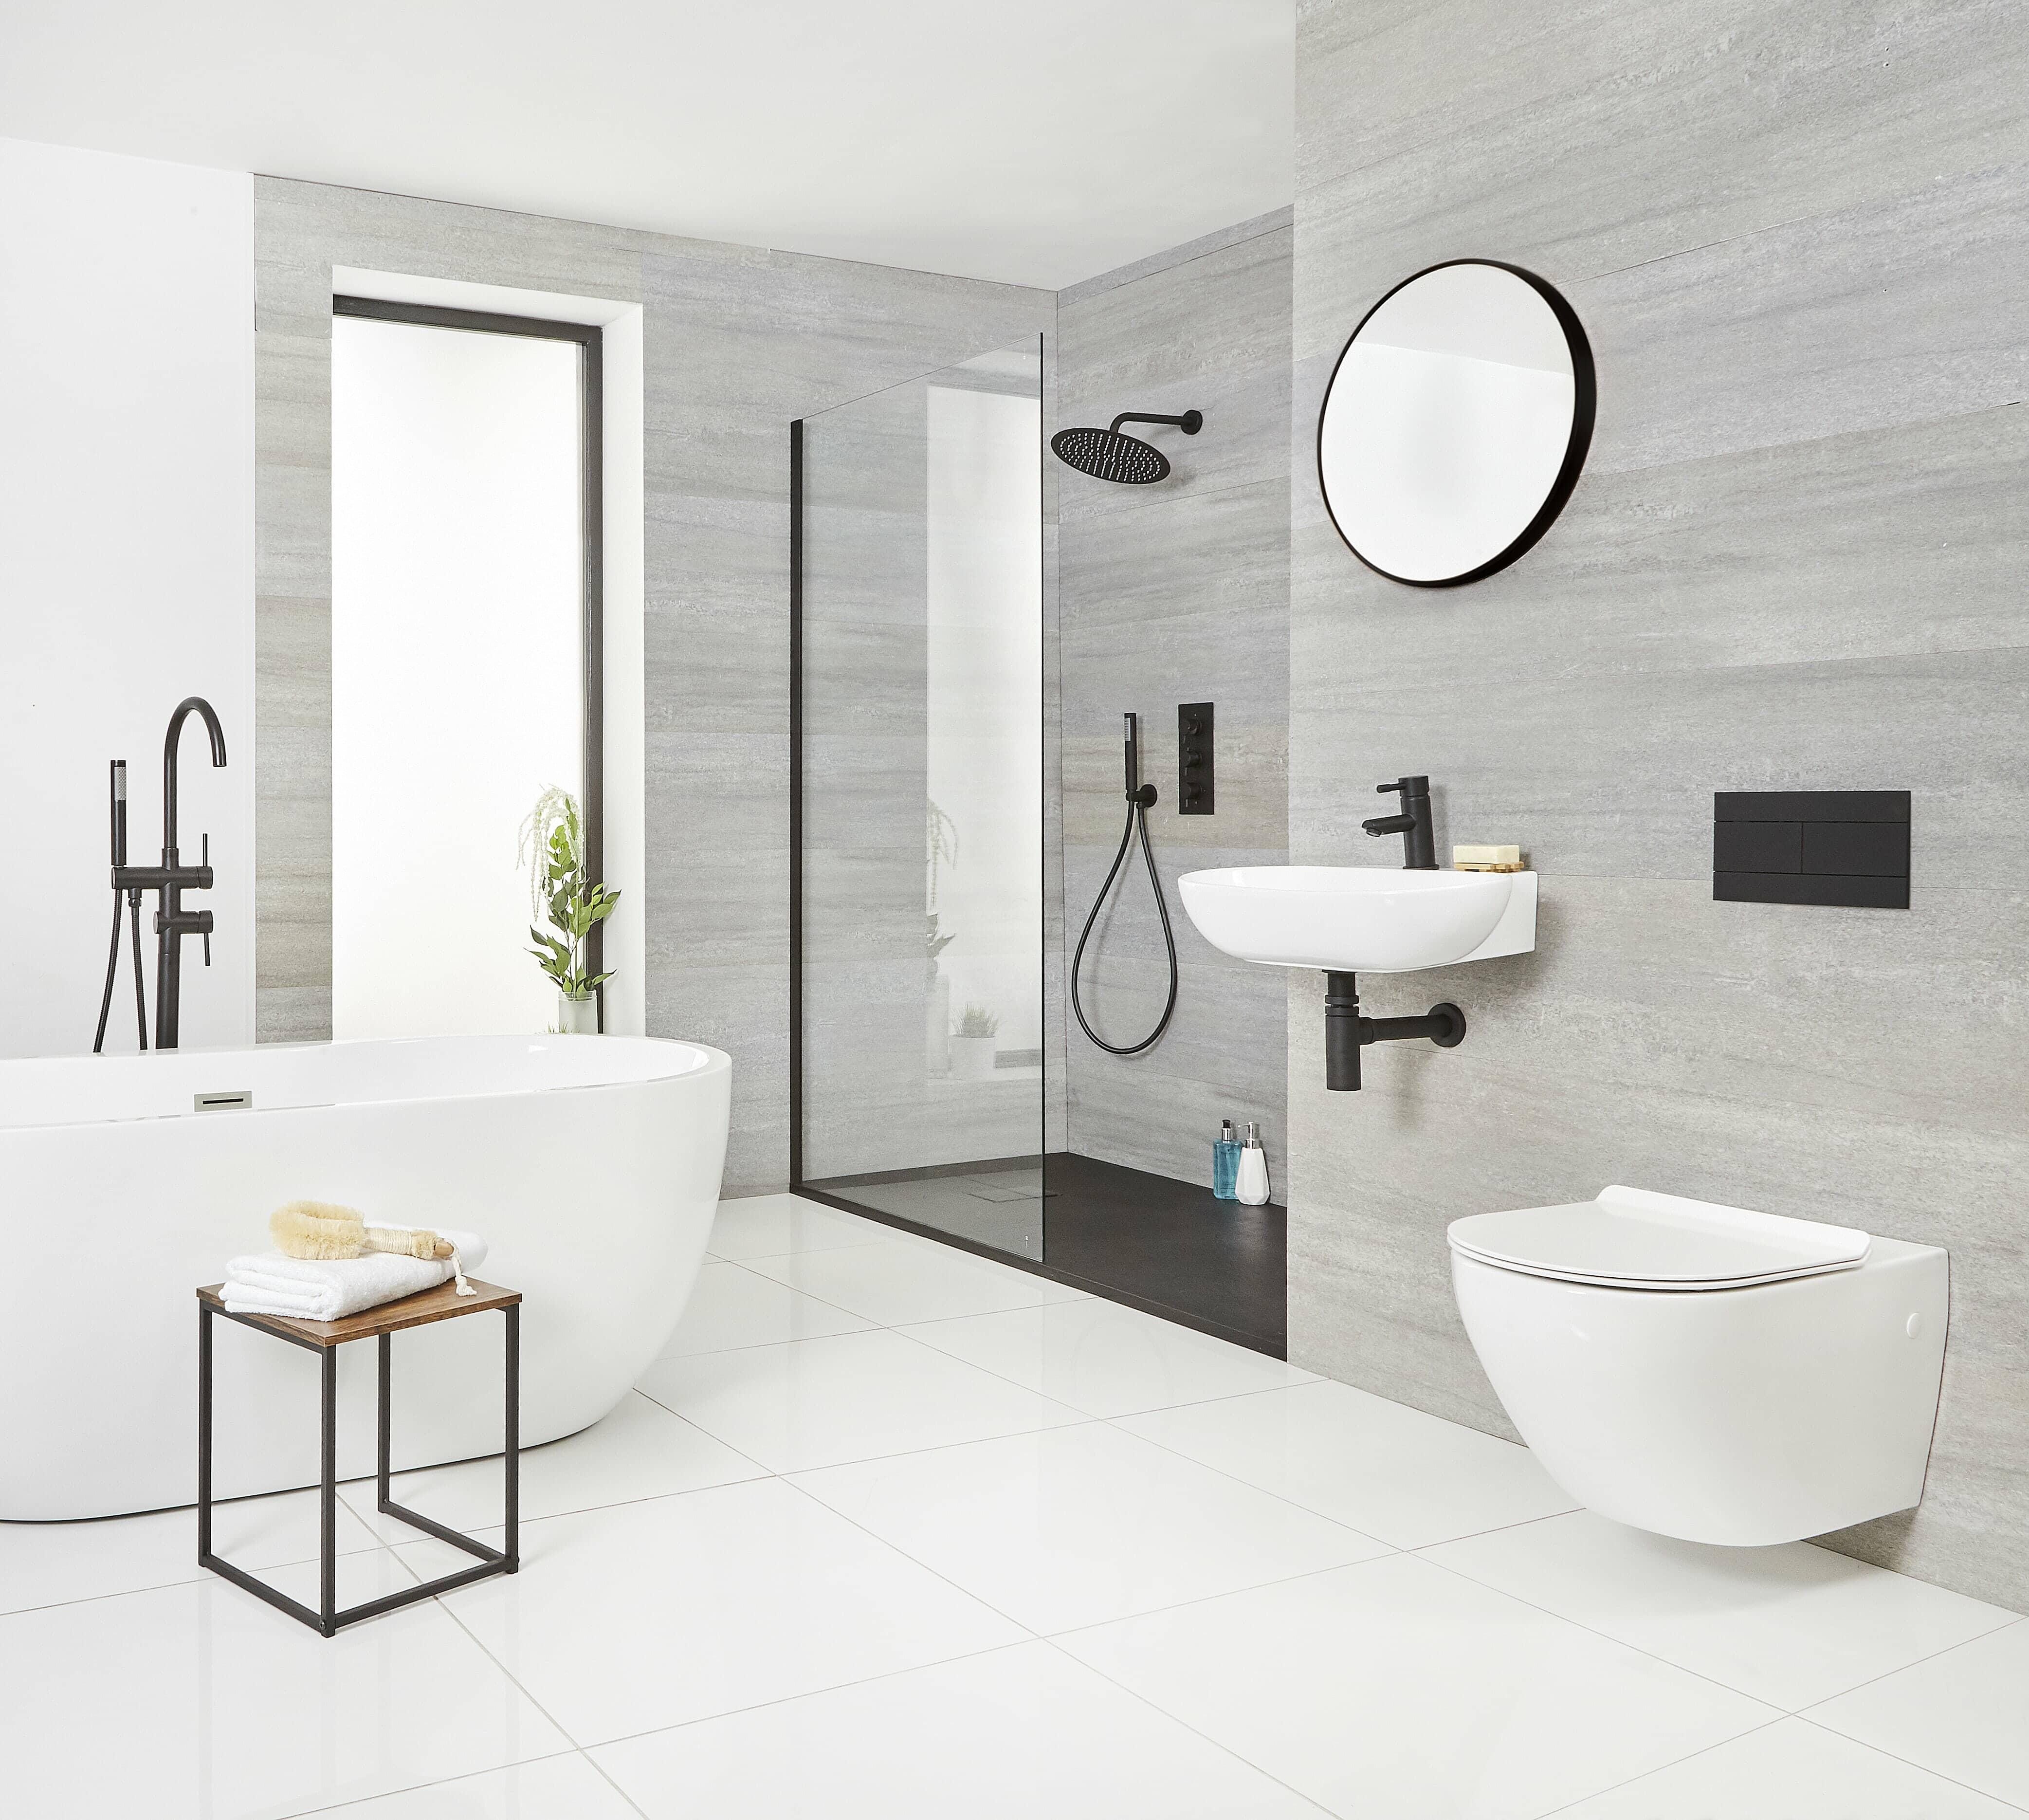 Black Bathroom Design Ideas Big, Complete Bathroom Designs